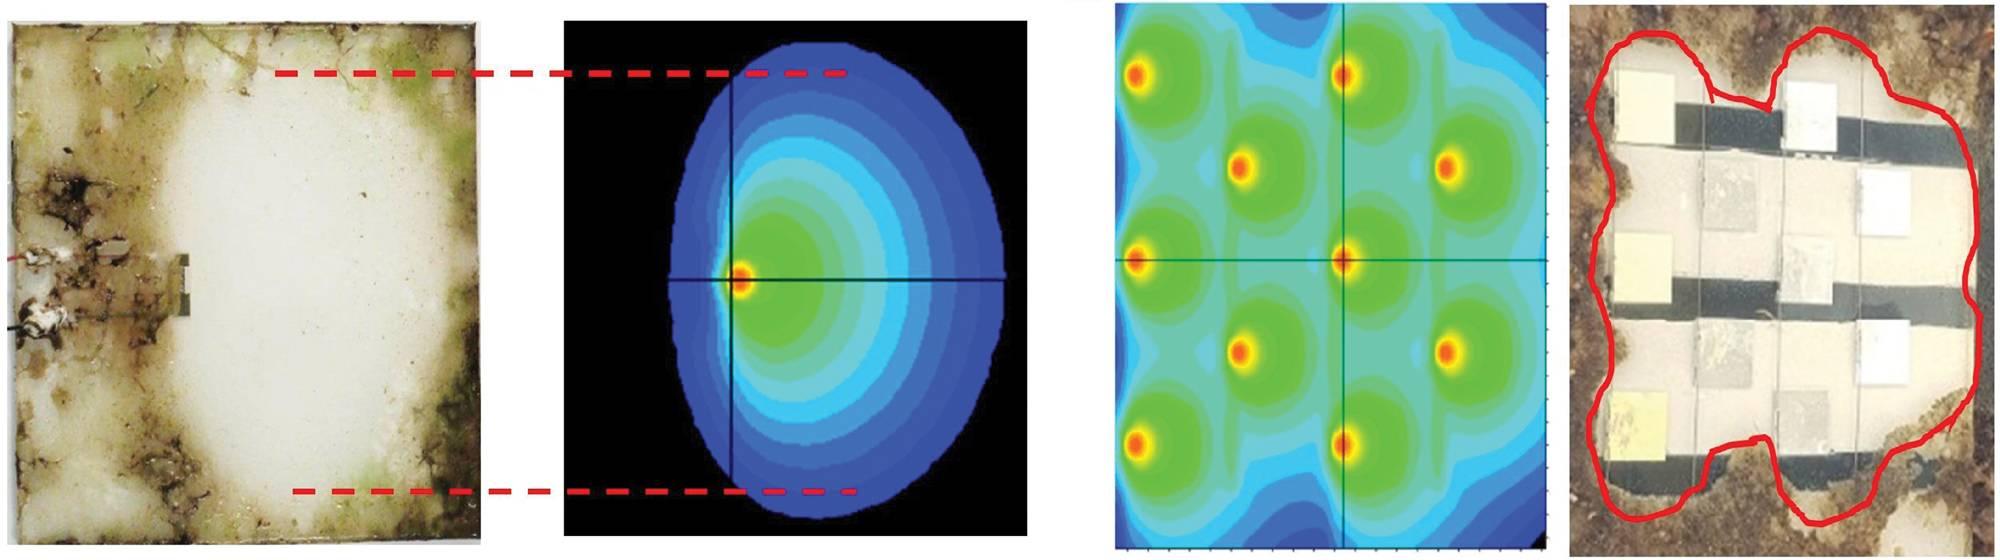 Figura 3: Comparação de modelos de simulações da irradiação UV na superfície com os correspondentes testes de bioincrustação. À esquerda, uma laje de silicone com um único LED, testada em um aquário. À direita, para um painel protótipo completo testado em condições de mar. As linhas vermelhas marcam os locais com um nível de irradiância de 0,3 mW / m2 previsto a partir da simulação.